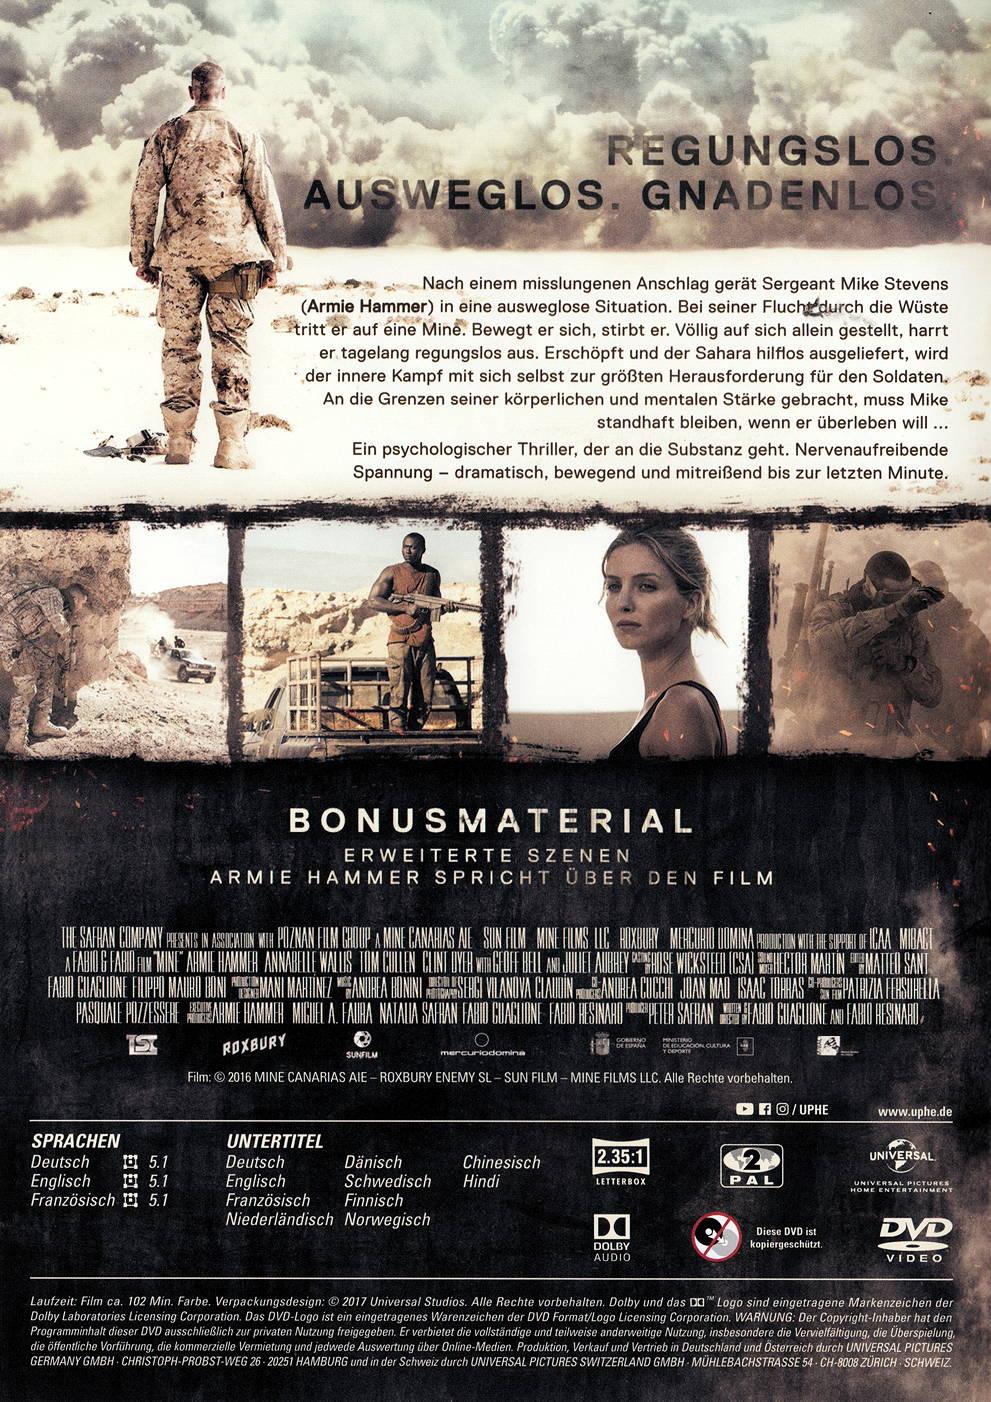 film berleben ein soldat k mpft niemals allein auf dvd oder blu ray kaufen moviesale die. Black Bedroom Furniture Sets. Home Design Ideas